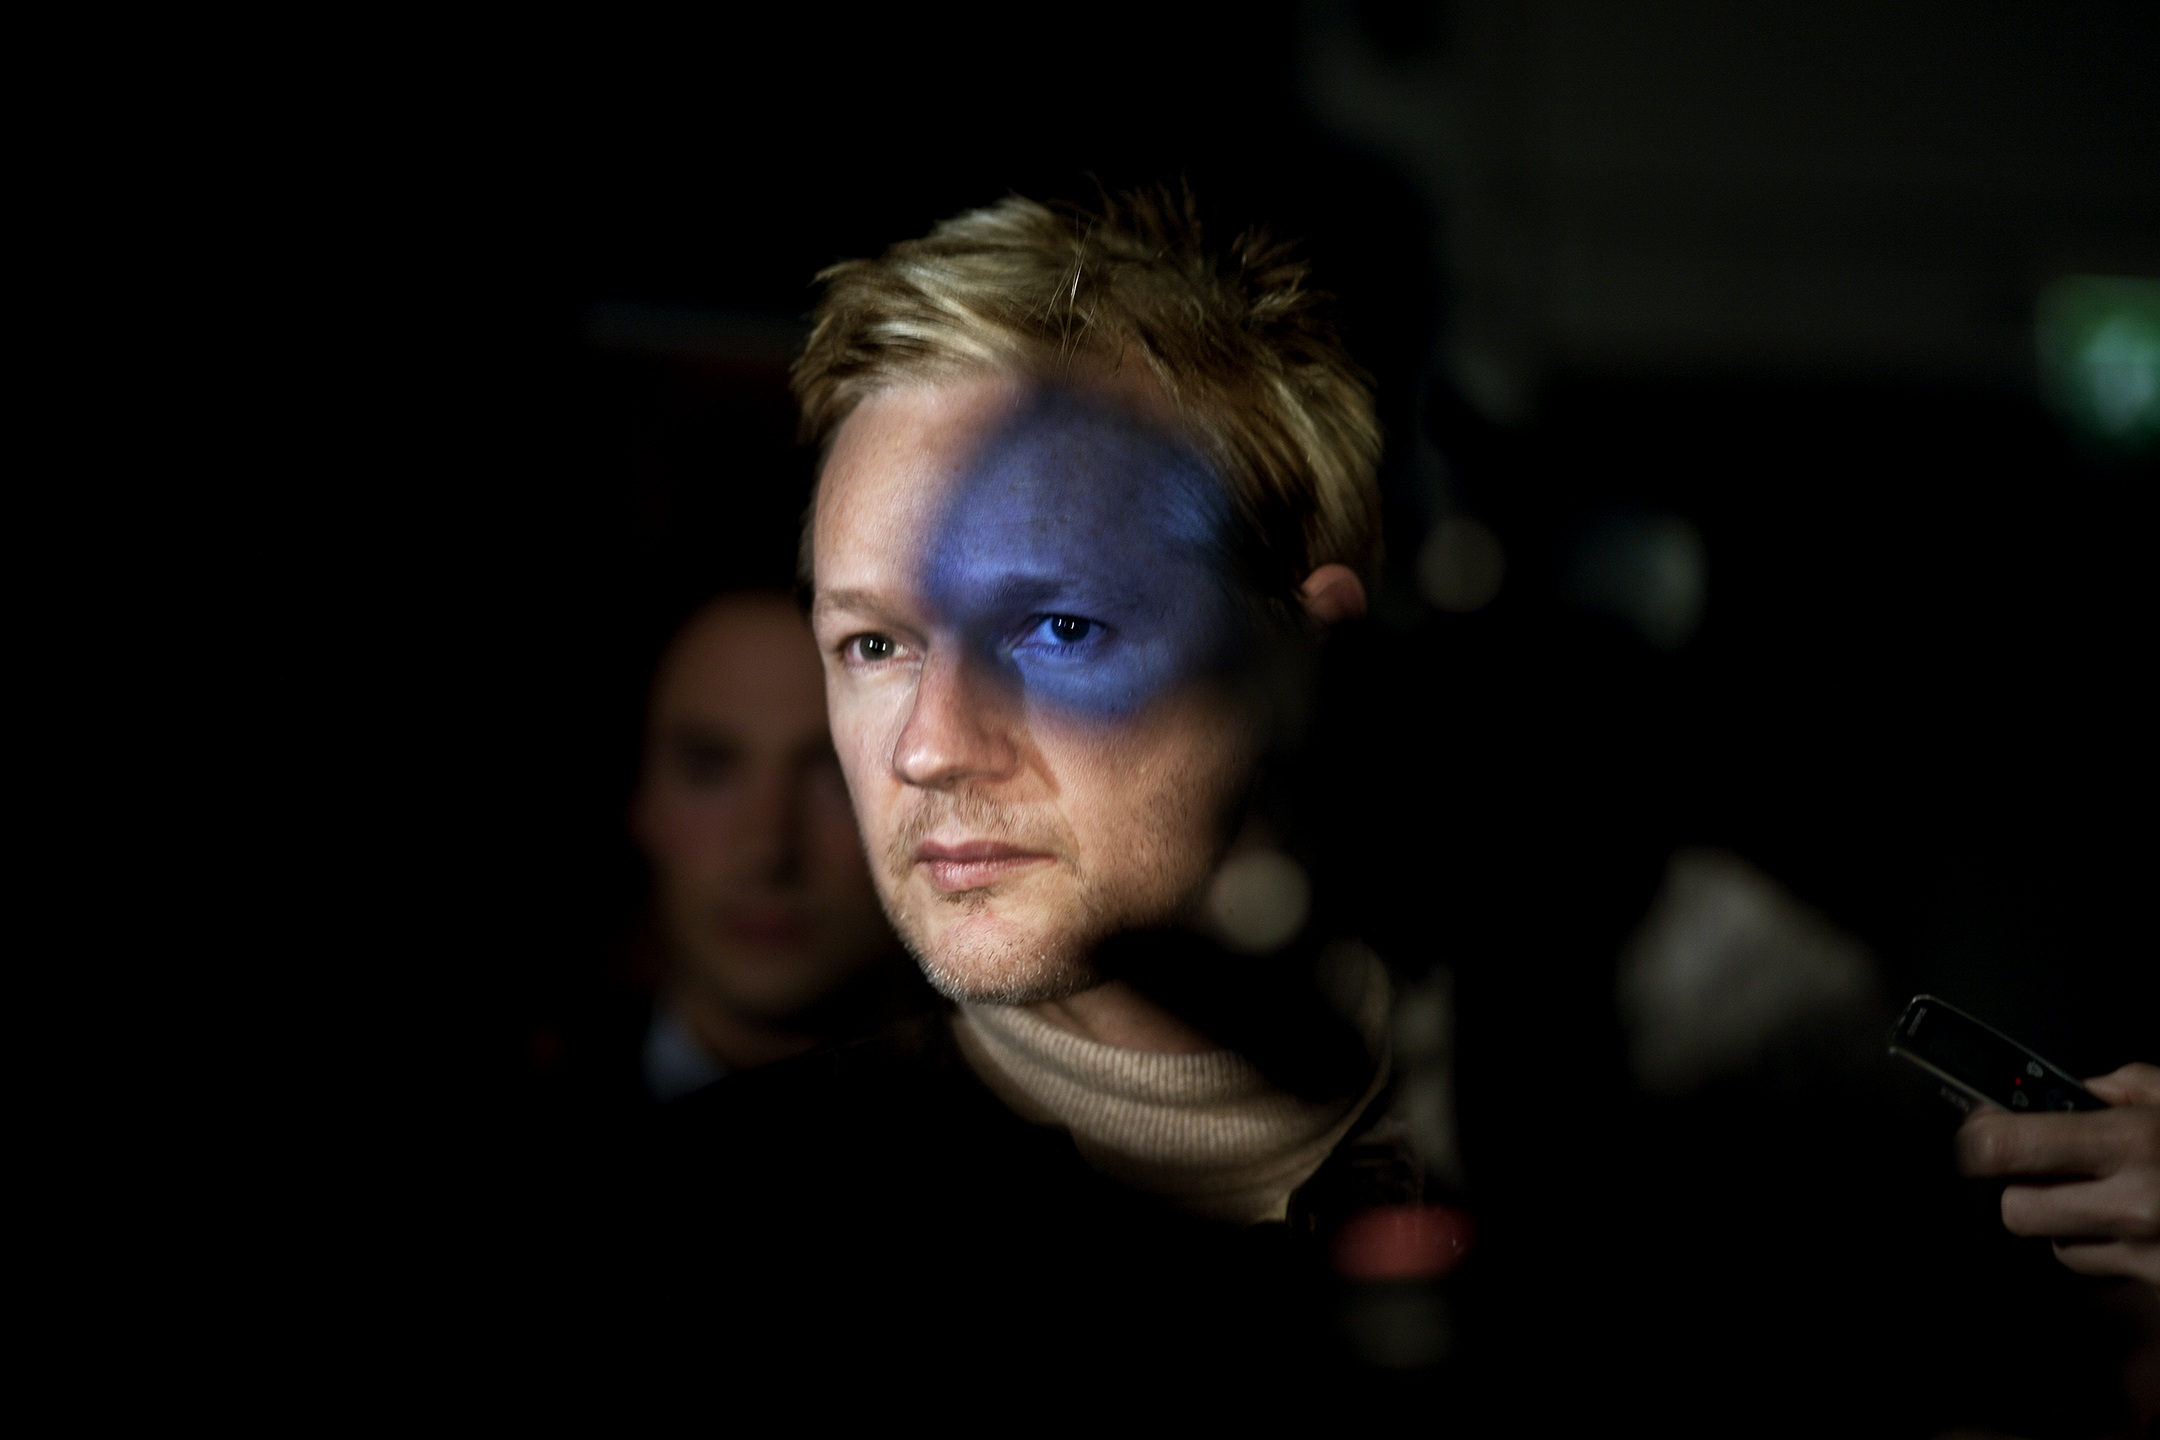 2. nagroda w kategorii Ludzie - zdjęcie pojedyncze: Seamus Murphy, Irlandia, VII Photo Agency, Julian Assange, założyciel of WikiLeaks, Londyn, 30 września